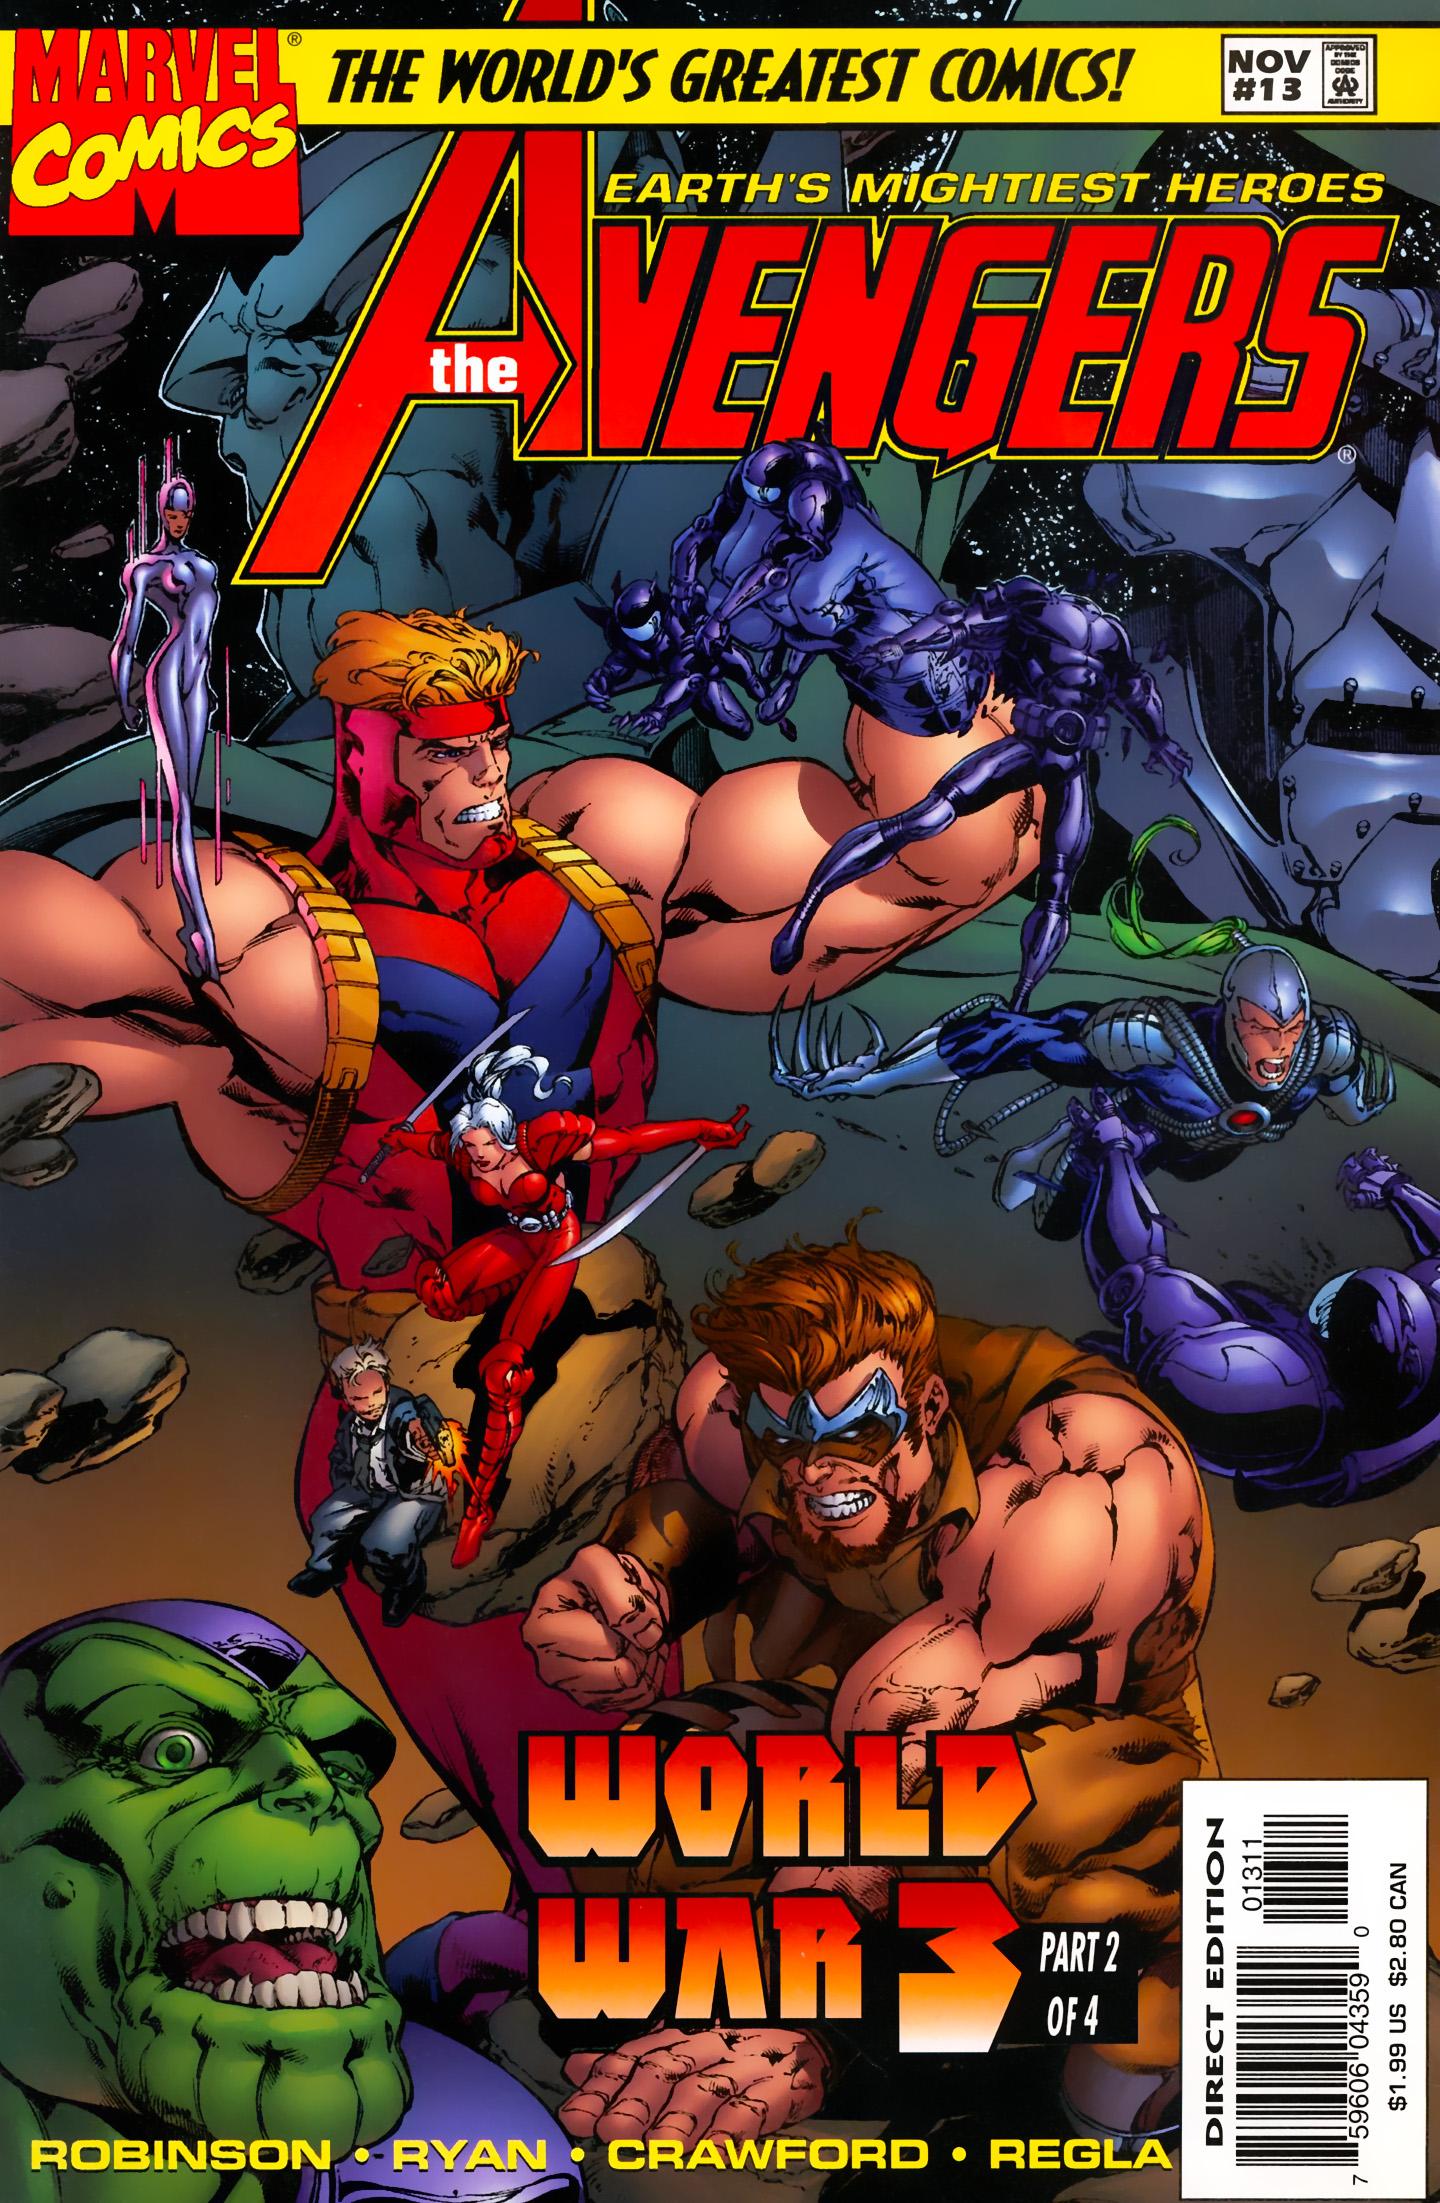 Avengers (1996) Avengers_013_(1997)_(noads)_(Minutemen-MorningStar-Mediozo-DCP) Page 1